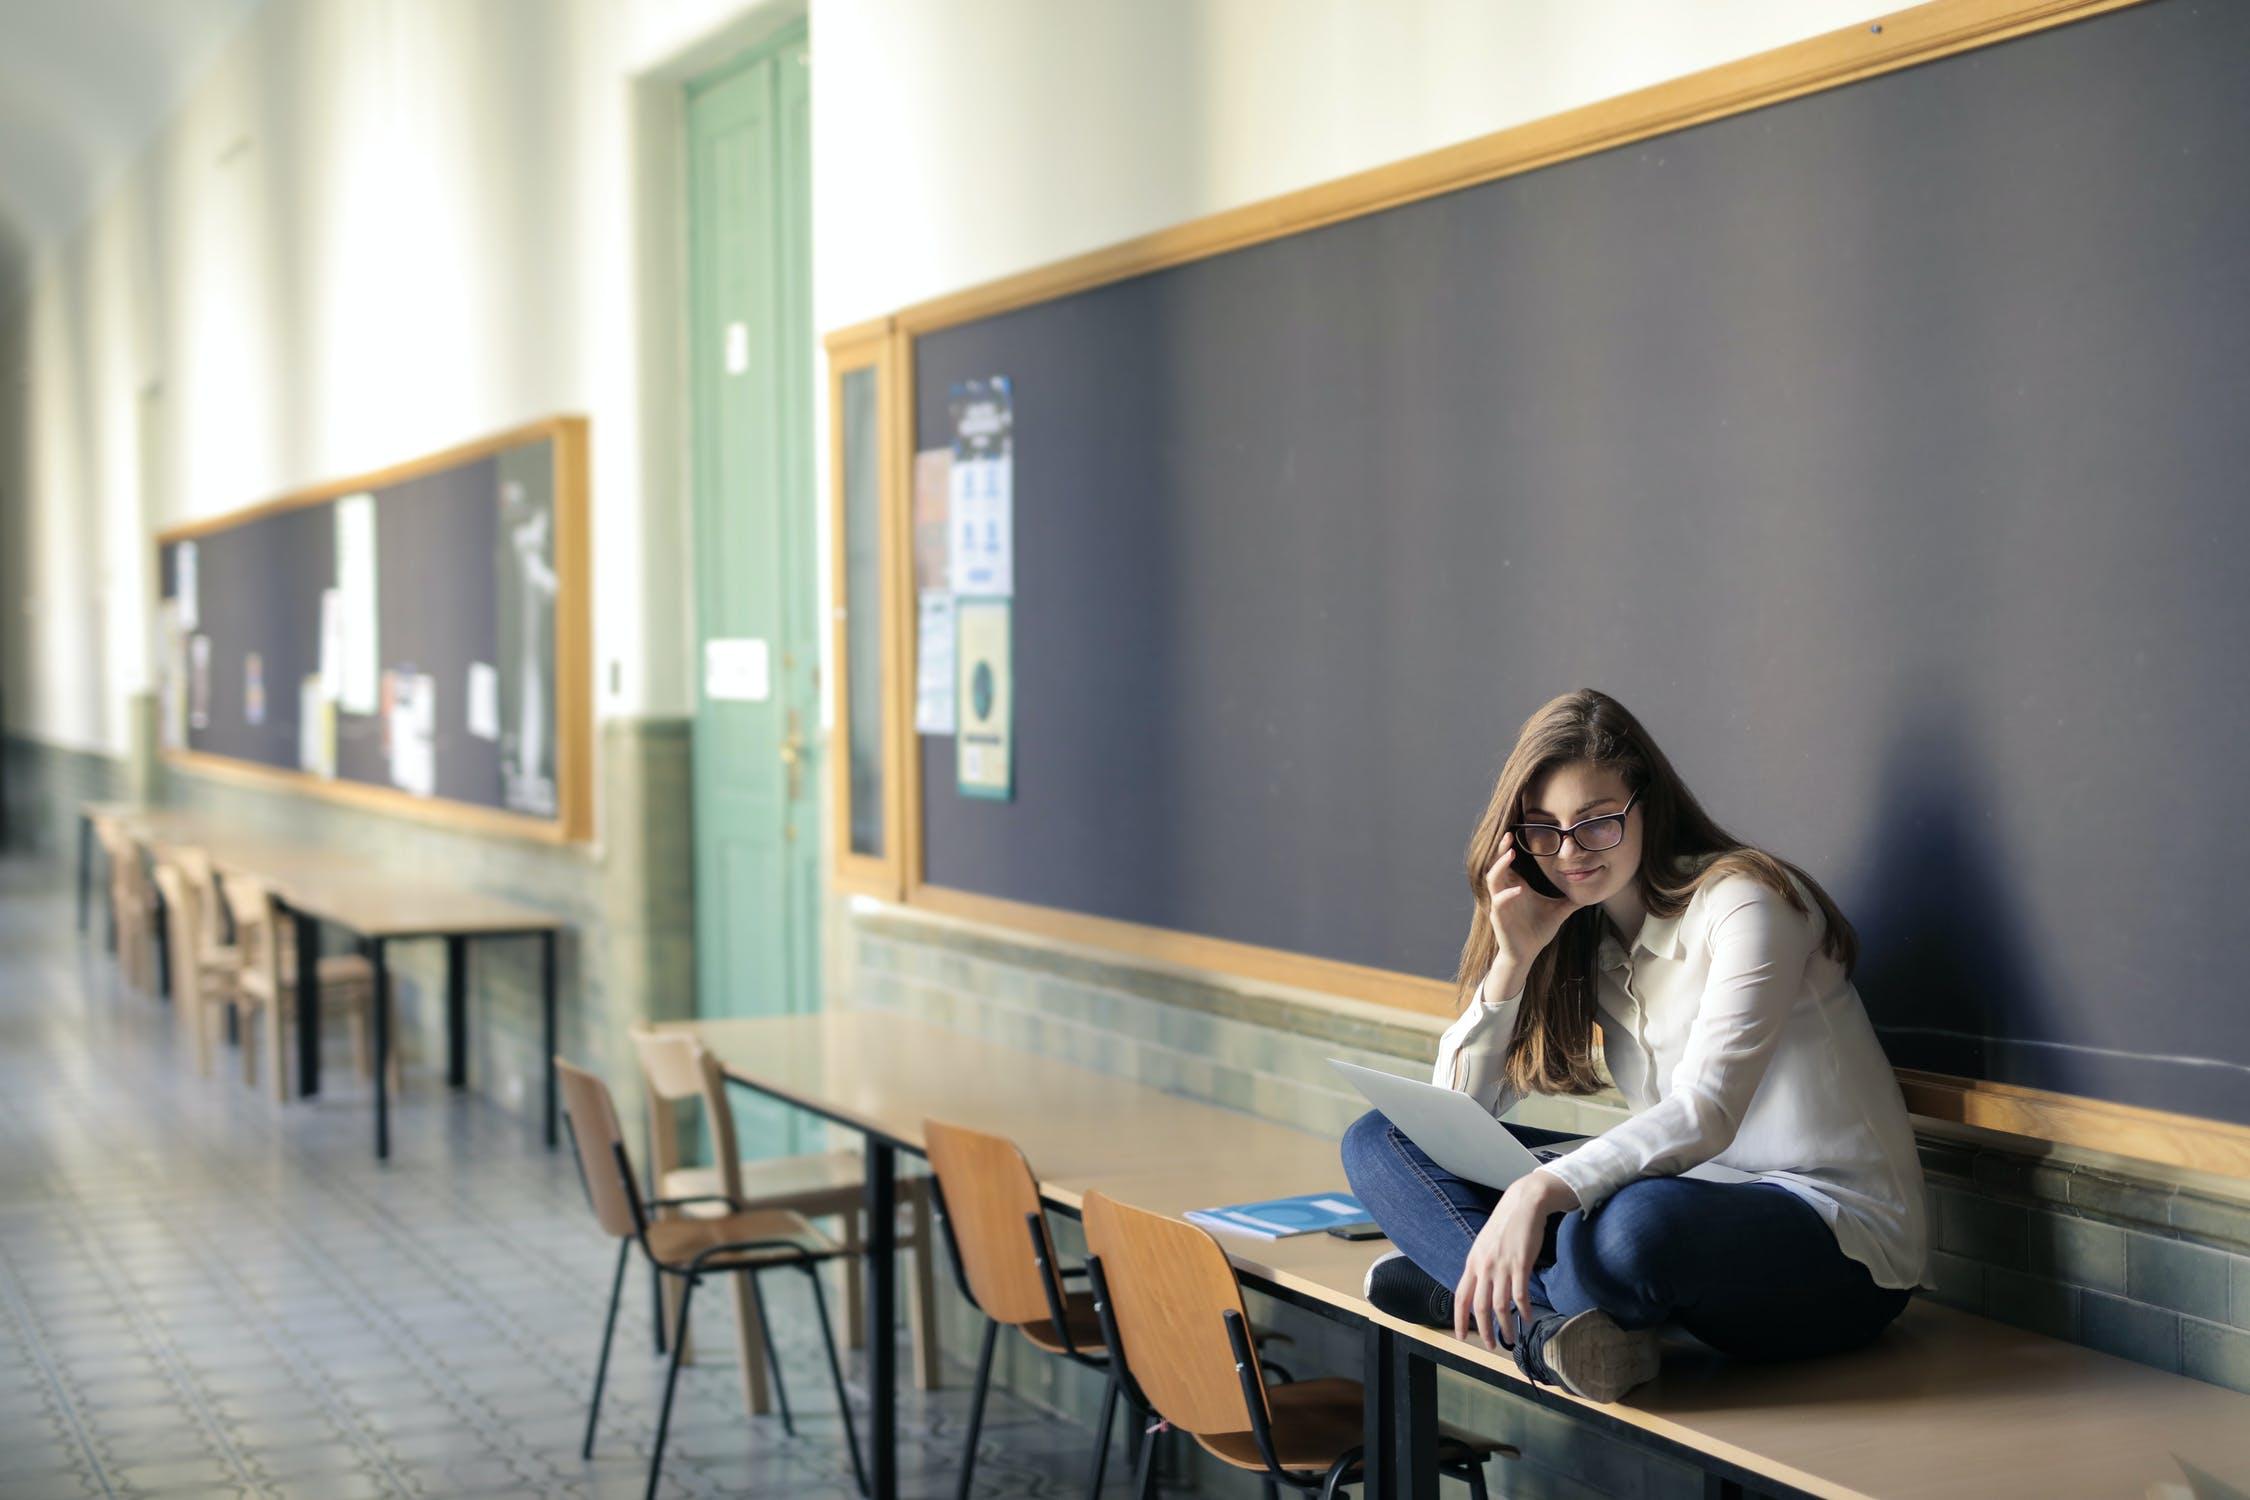 Online felkészítő tananyaghoz kapnak hozzáférést díjmentesen az érettségizők